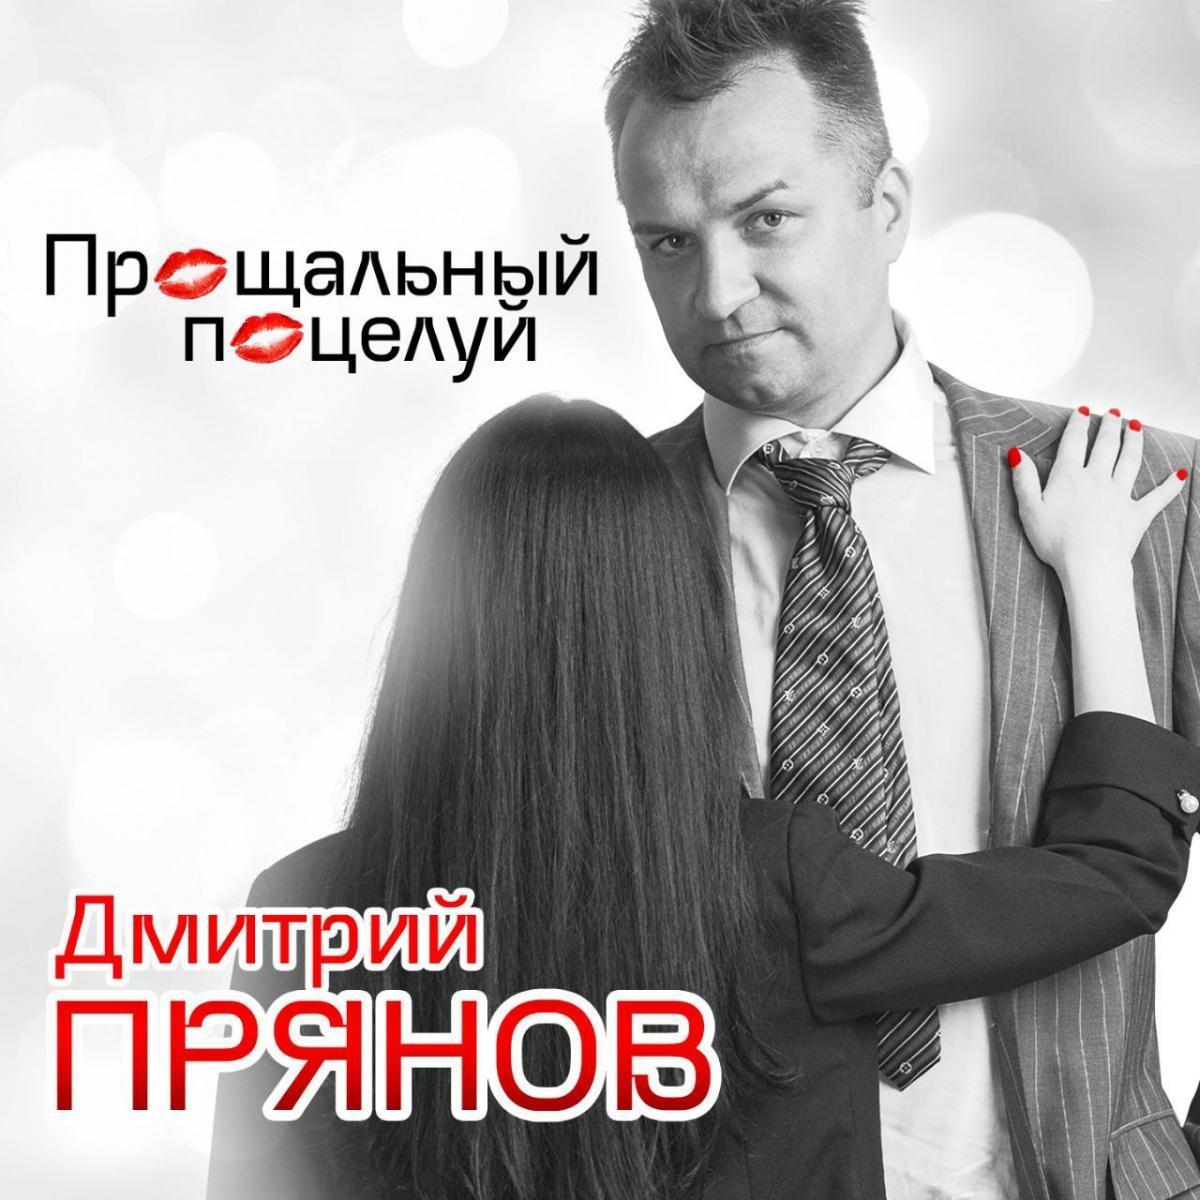 Новинки Радио Шансон: Дмитрий Прянов с композицией «Прощальный поцелуй»